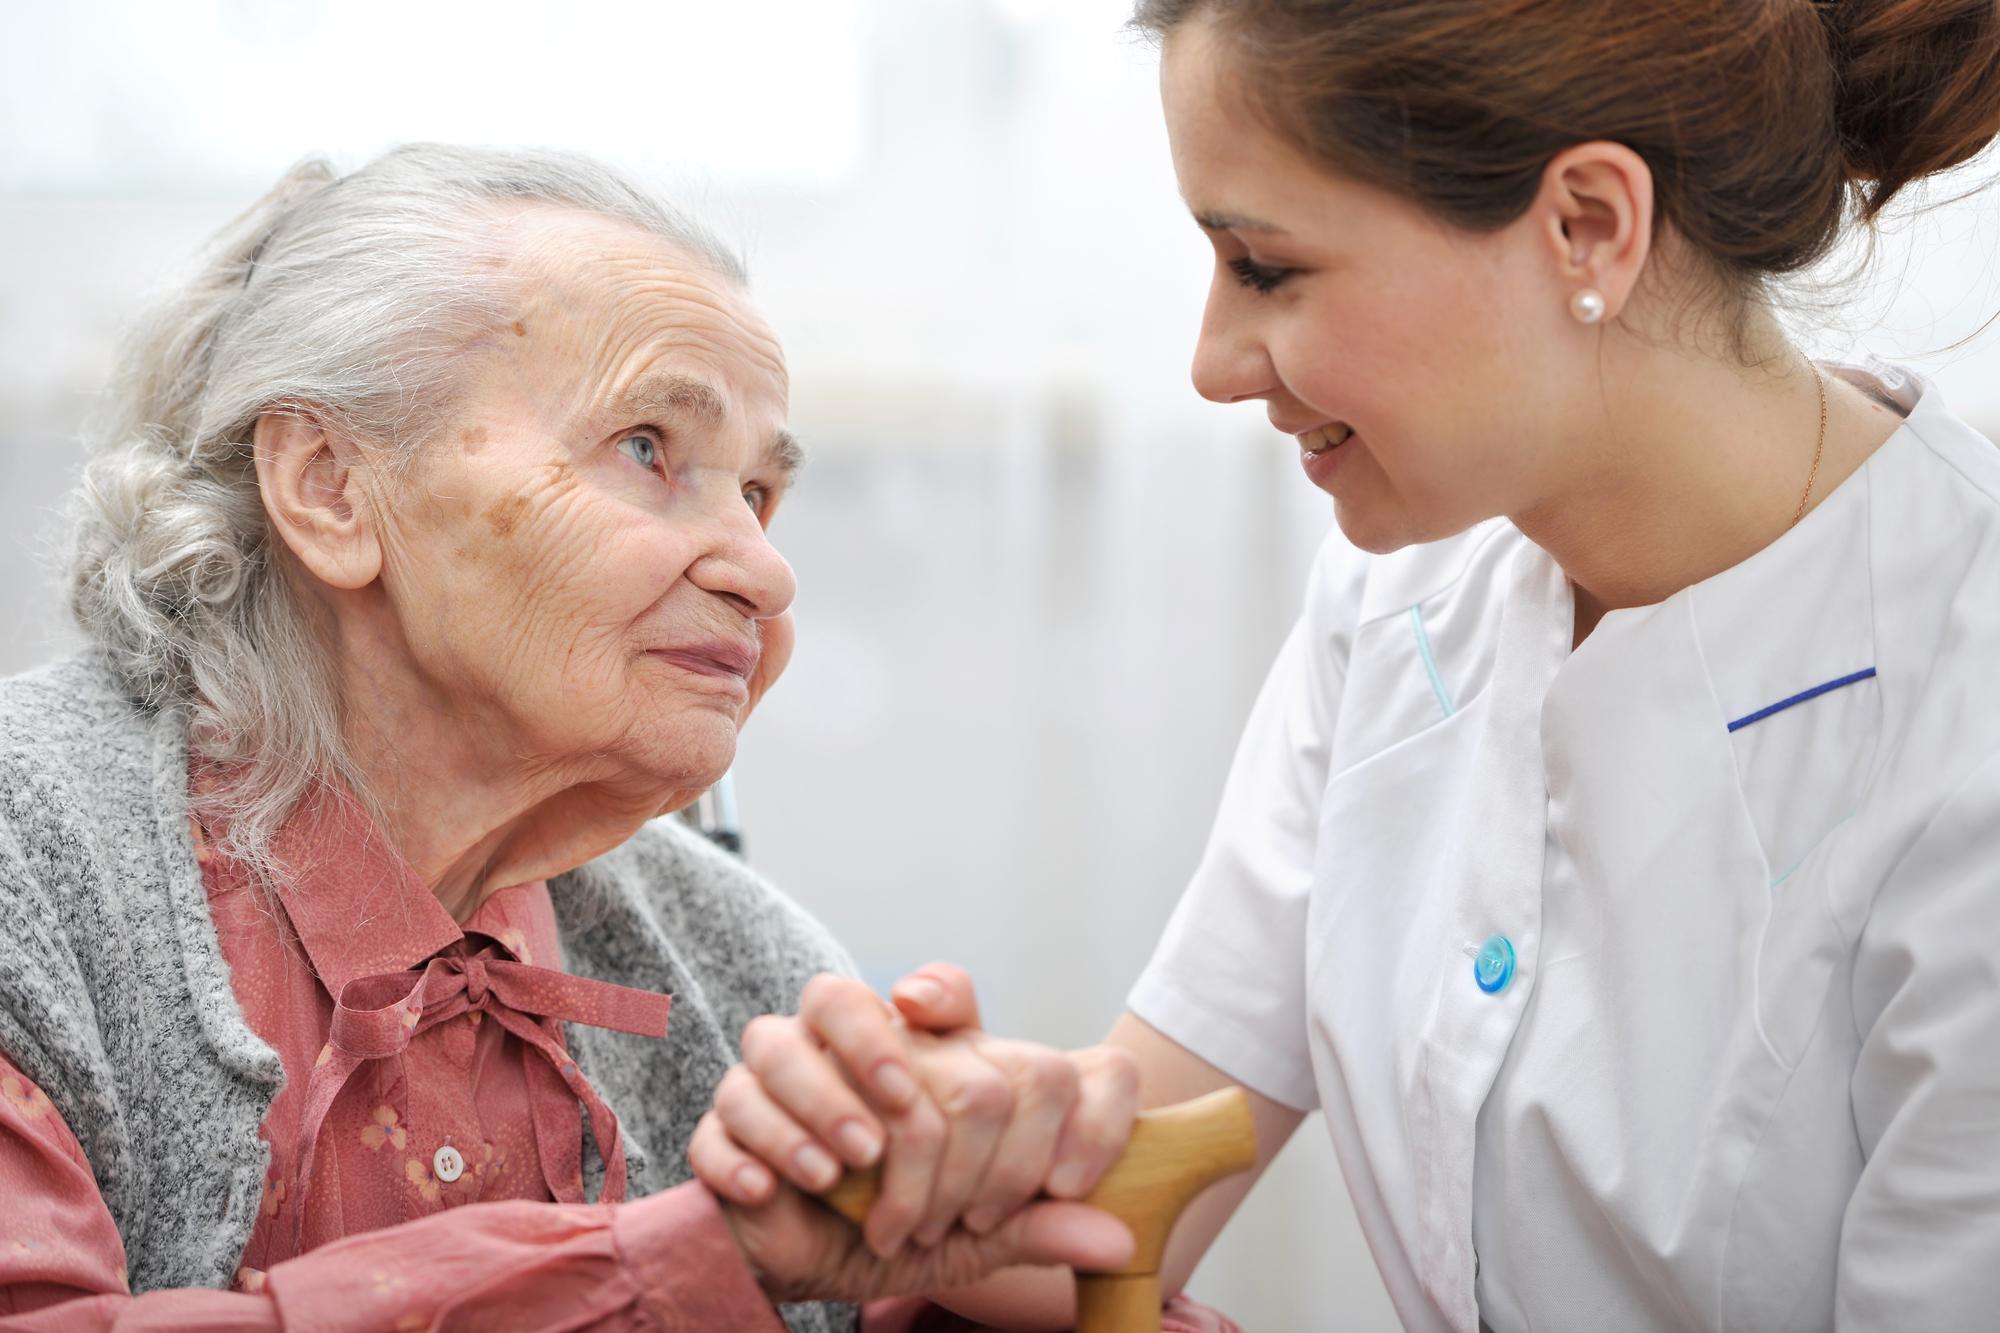 دلایل رفتن به آسایشگاه سالمندان